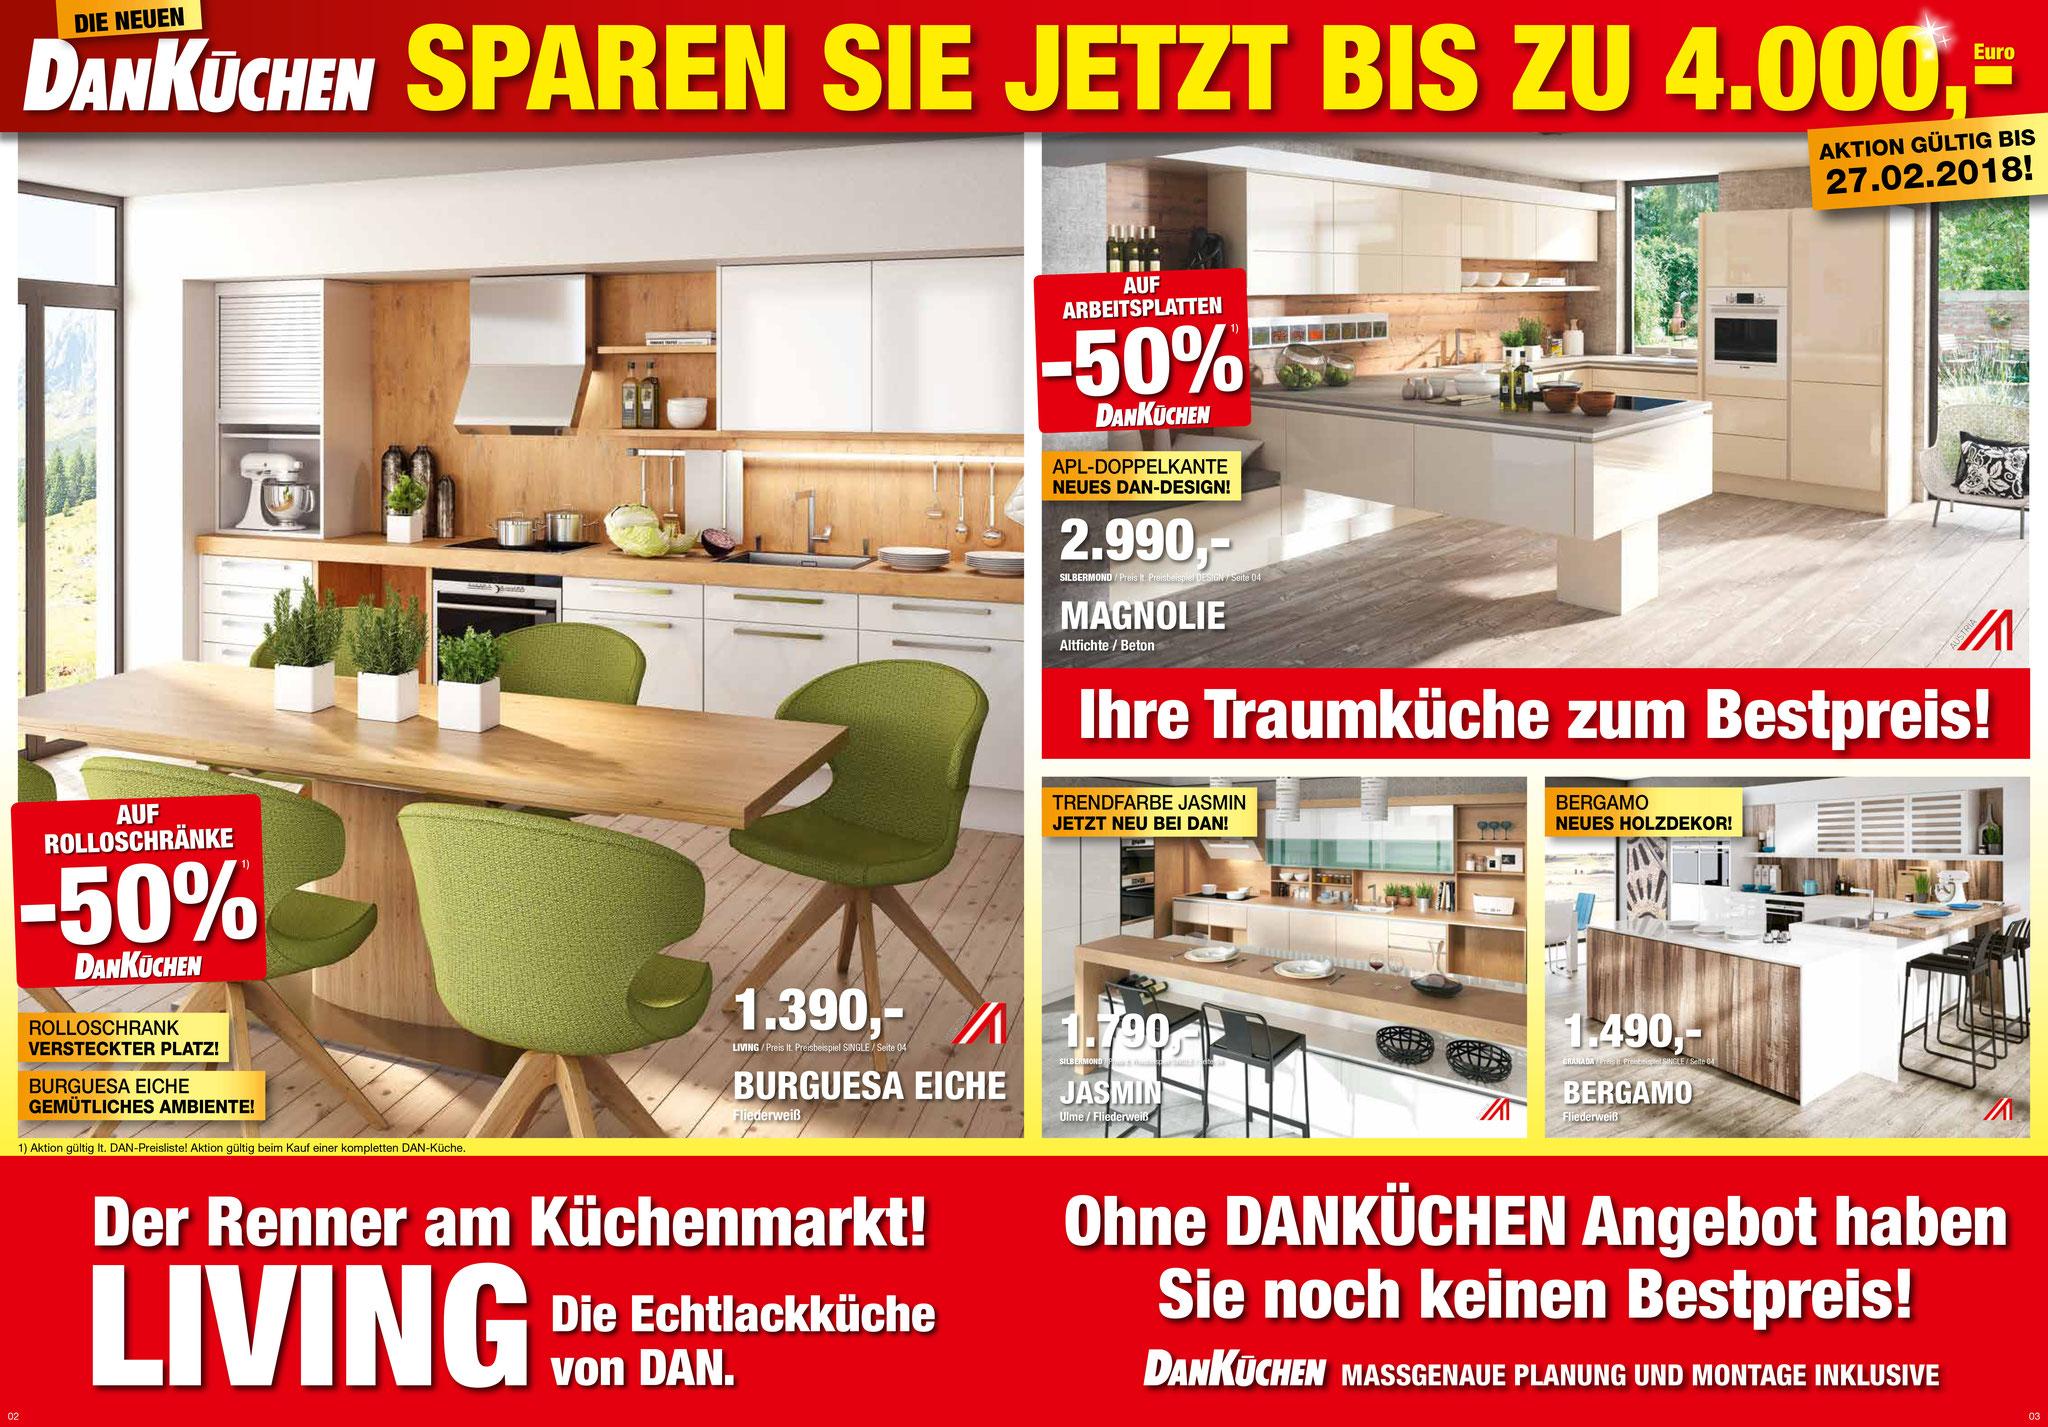 Dan Kuchen Winterschlussverkauf 2018 Wohnkultur Mugler